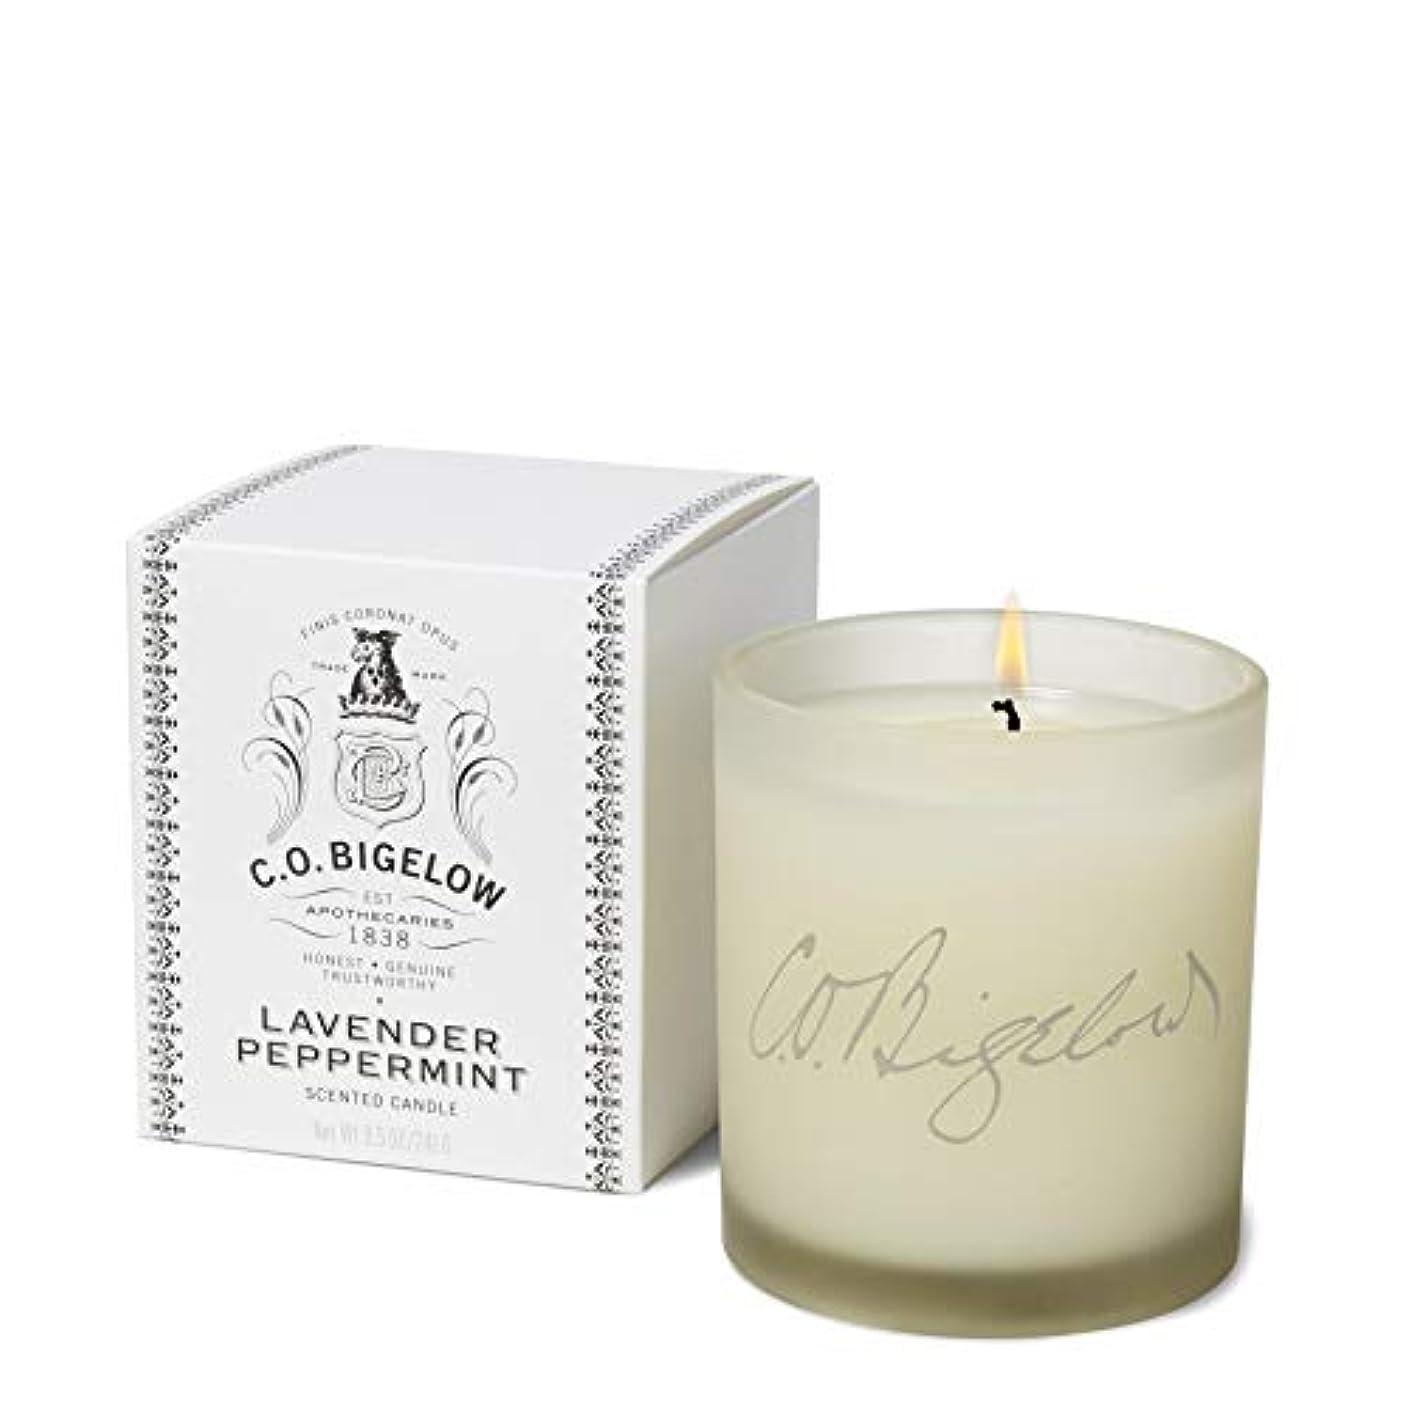 ペインギリック作詞家ボクシング[C.O. Bigelow] C.O.ビゲローラベンダーペパーミントキャンドル - C.O. Bigelow Lavender Peppermint Candle [並行輸入品]